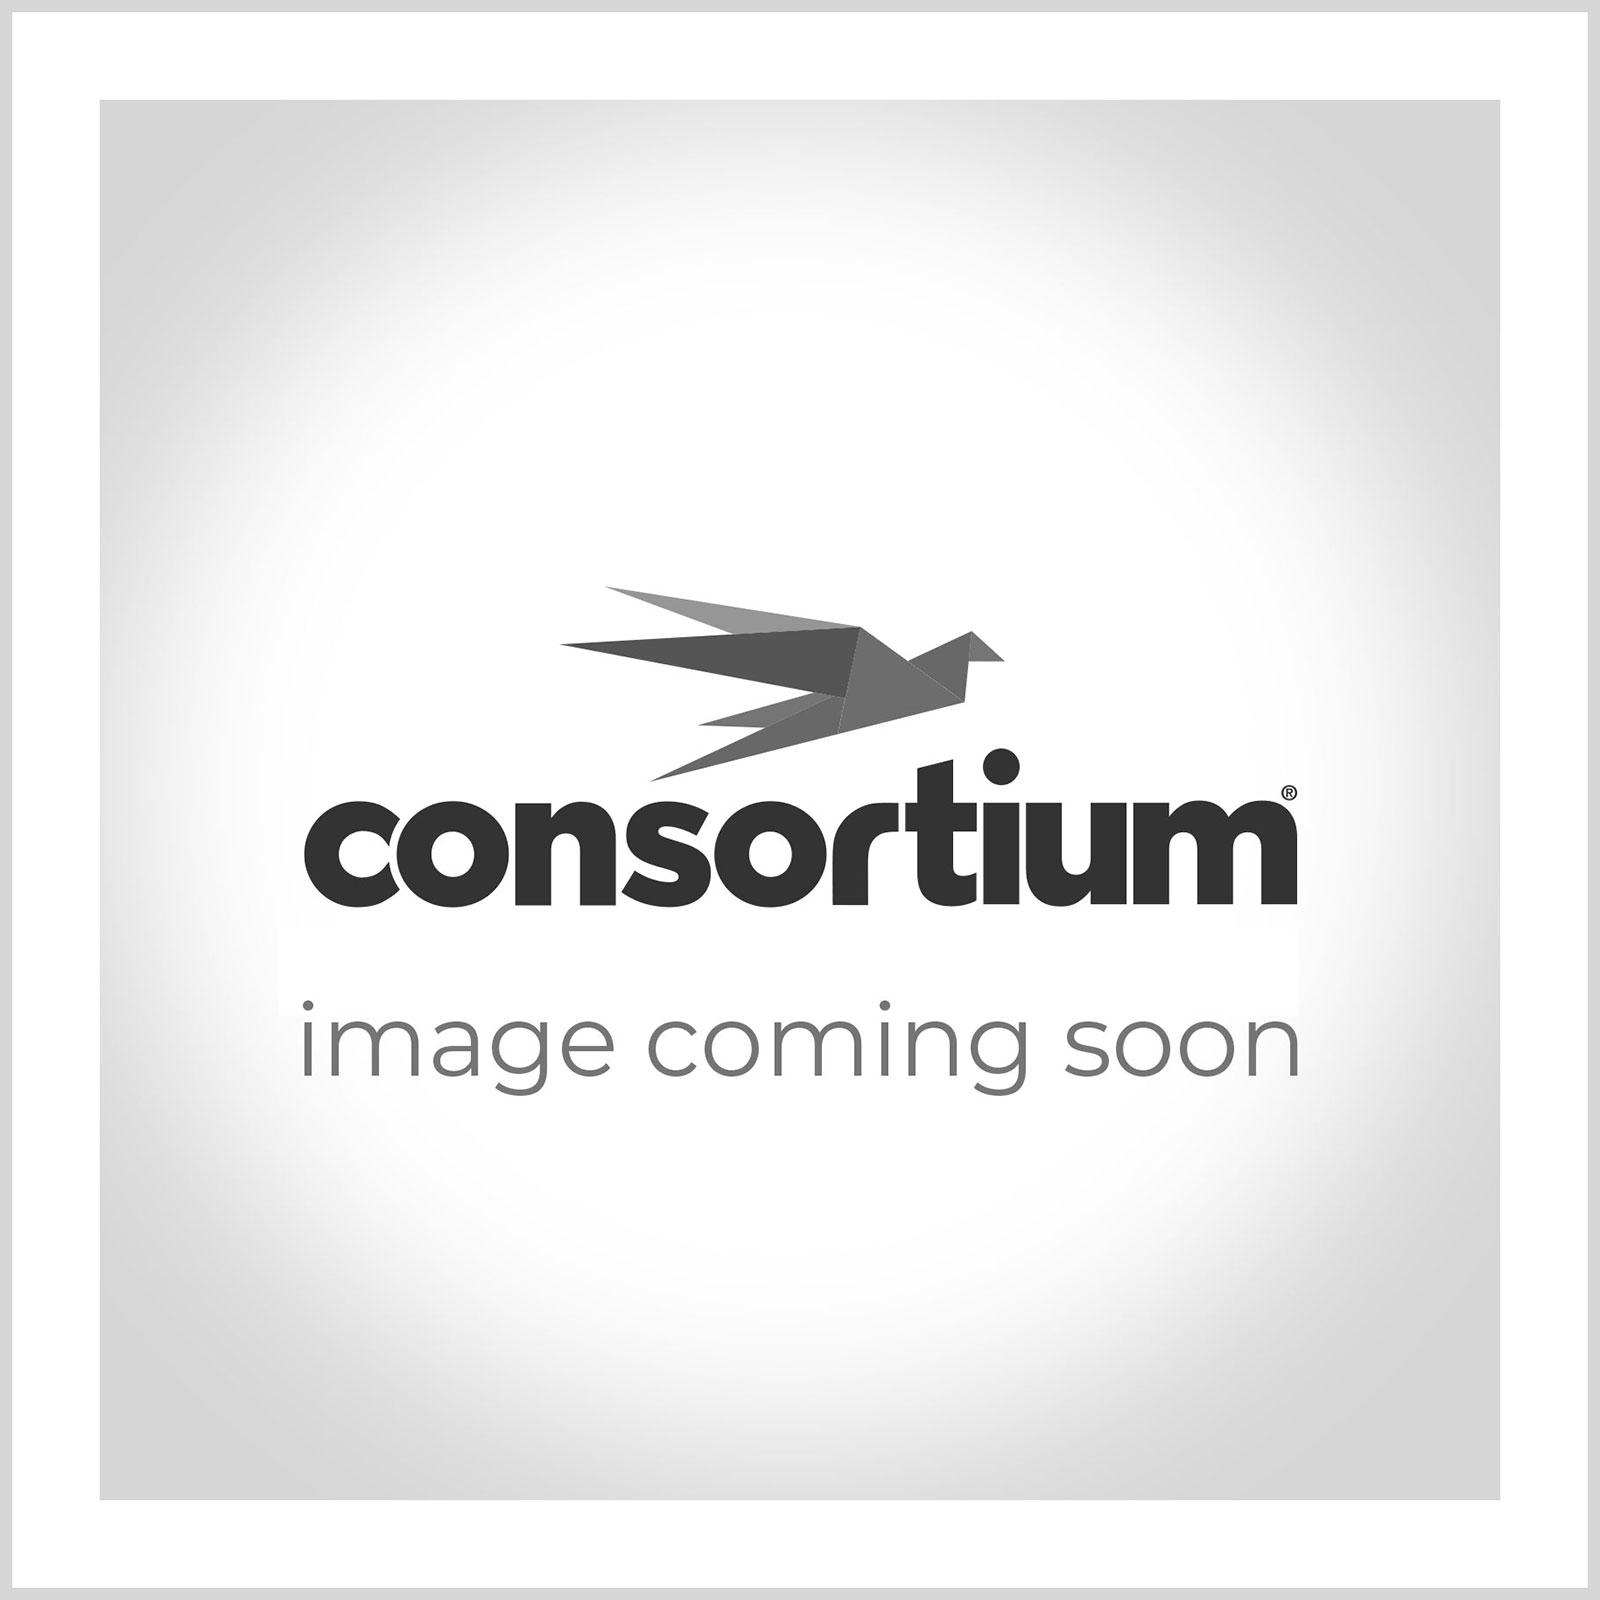 Consortium Cartridge Paper